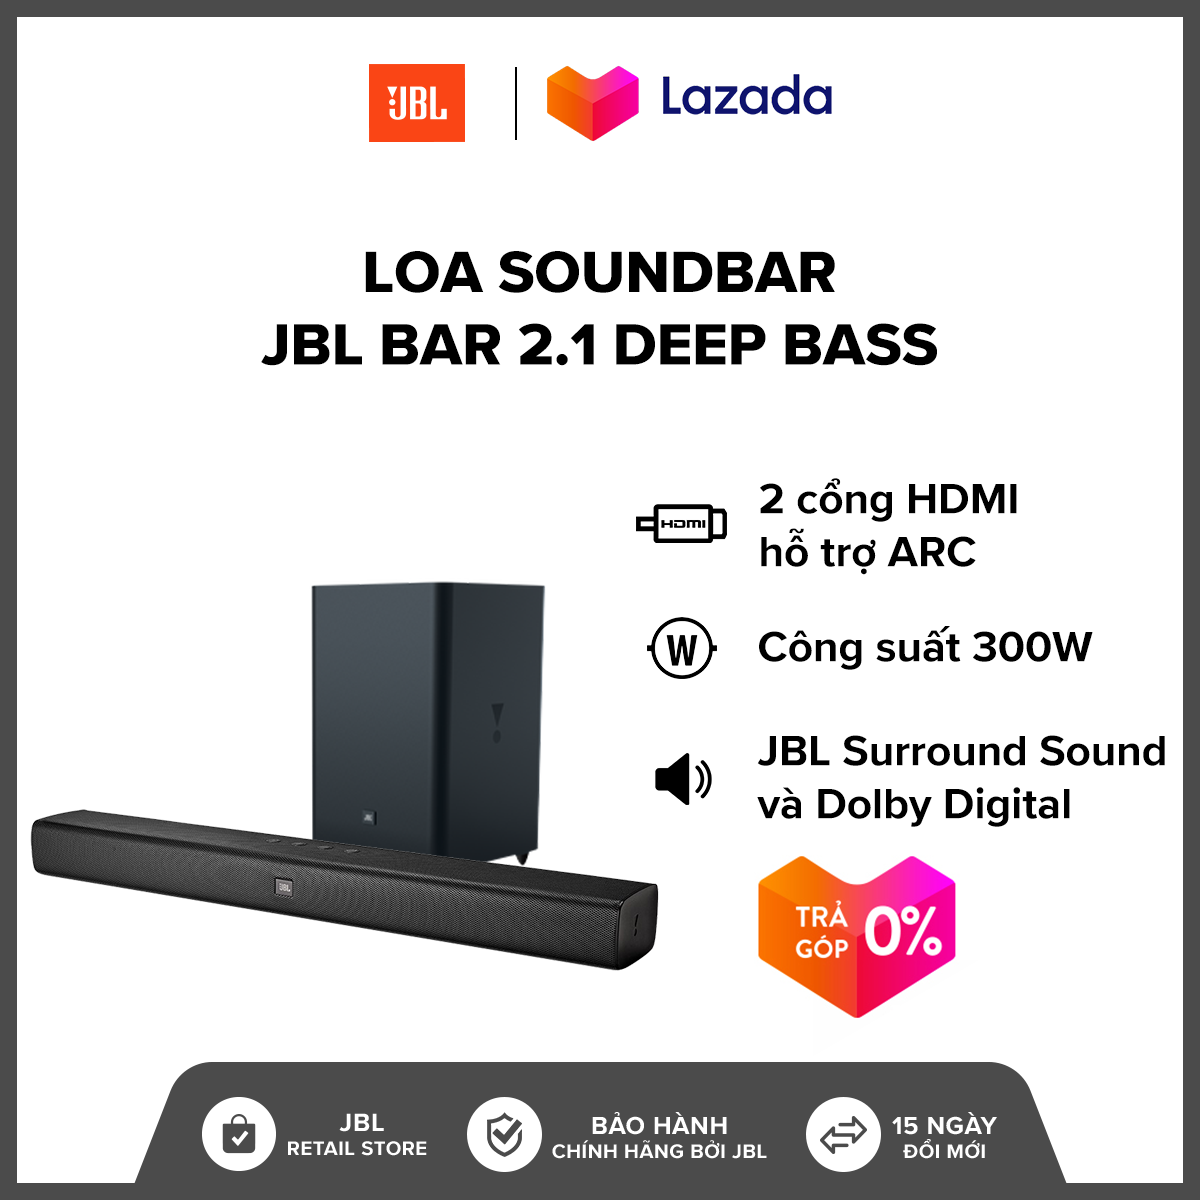 [TRẢ GÓP 0%] Loa Soundbar JBL Bar 2.1 Deep Bass l Trang bị 6 củ loa l Công suất đến 200W l Cổng kết nối đa dạng